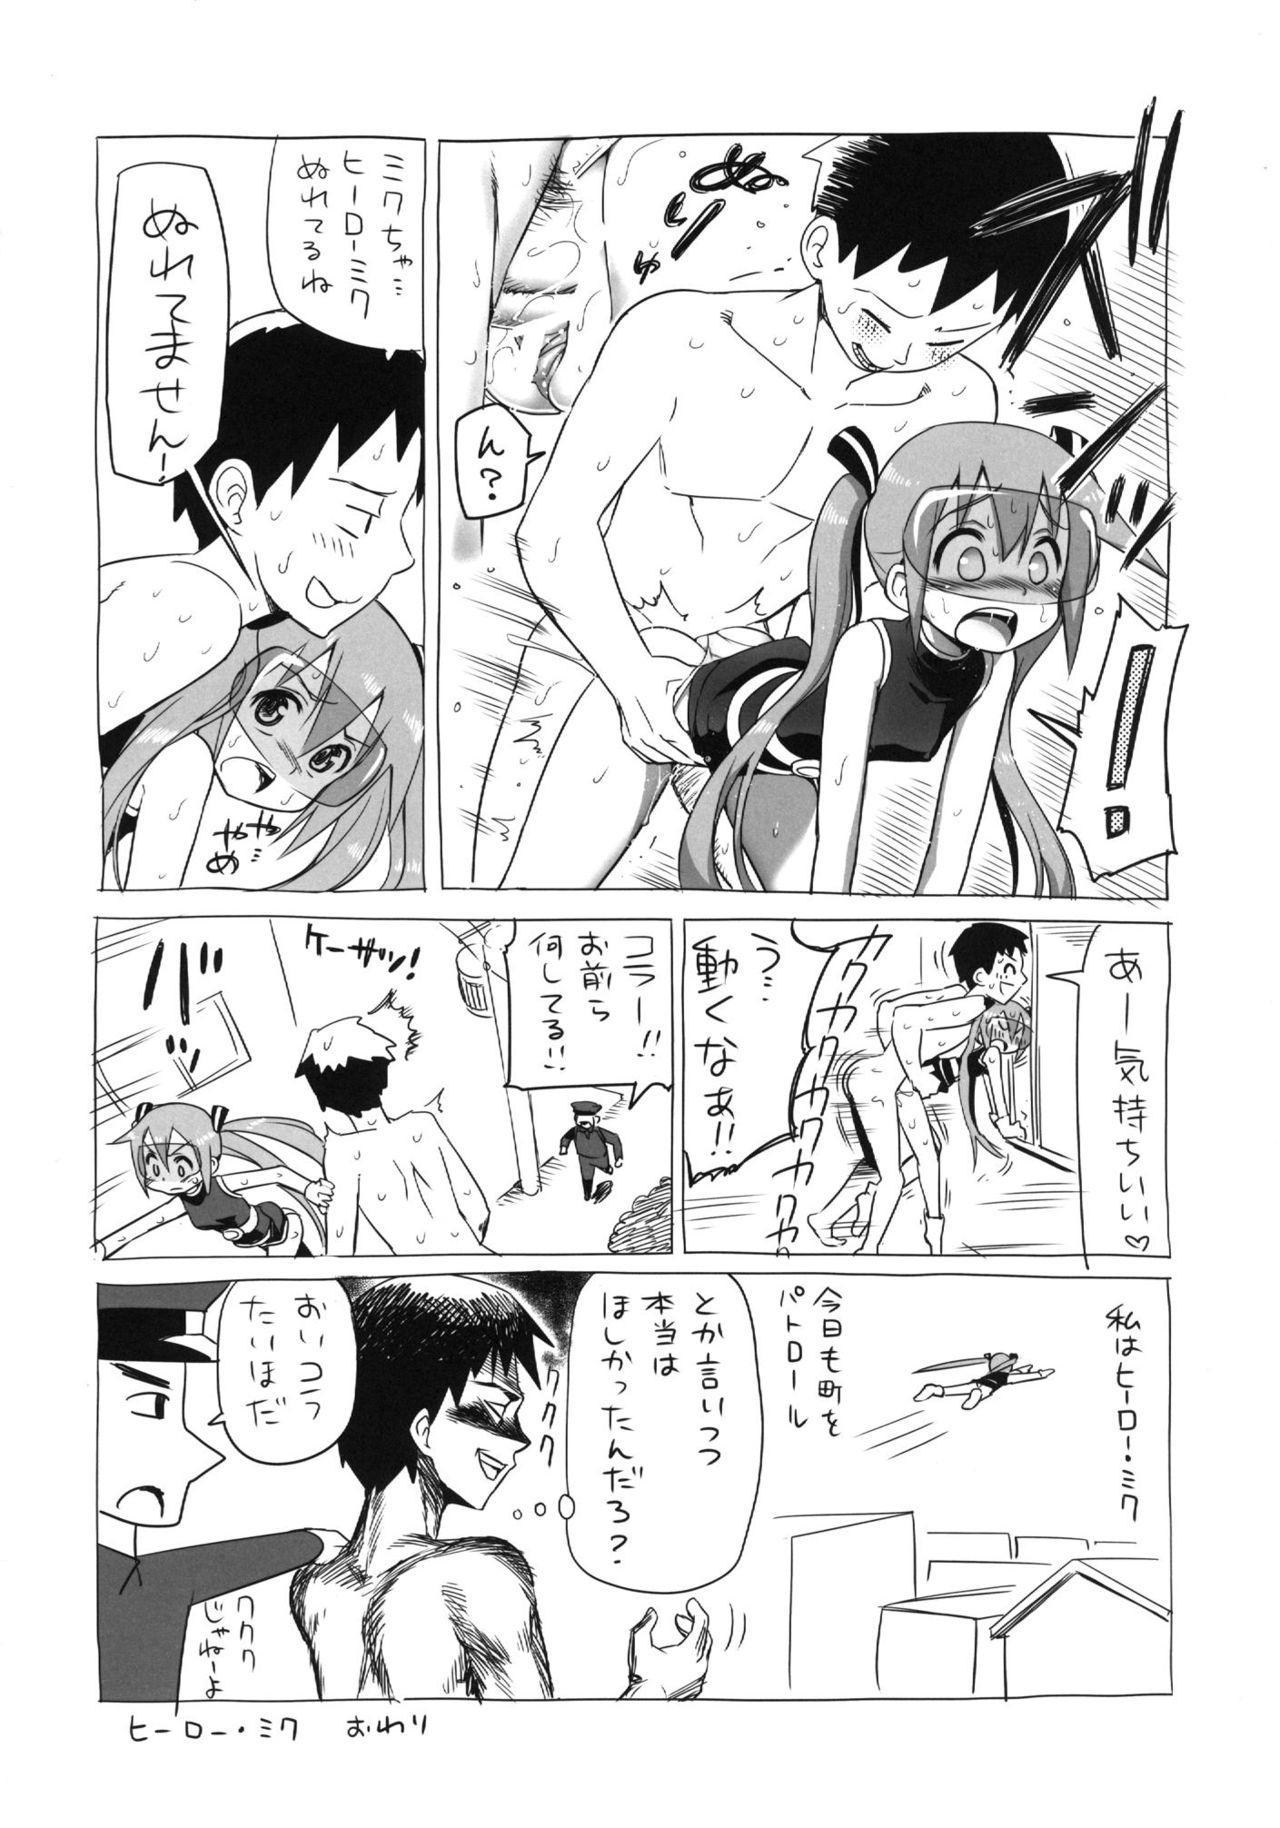 Mikkumiku na Hannou volume. 5 48